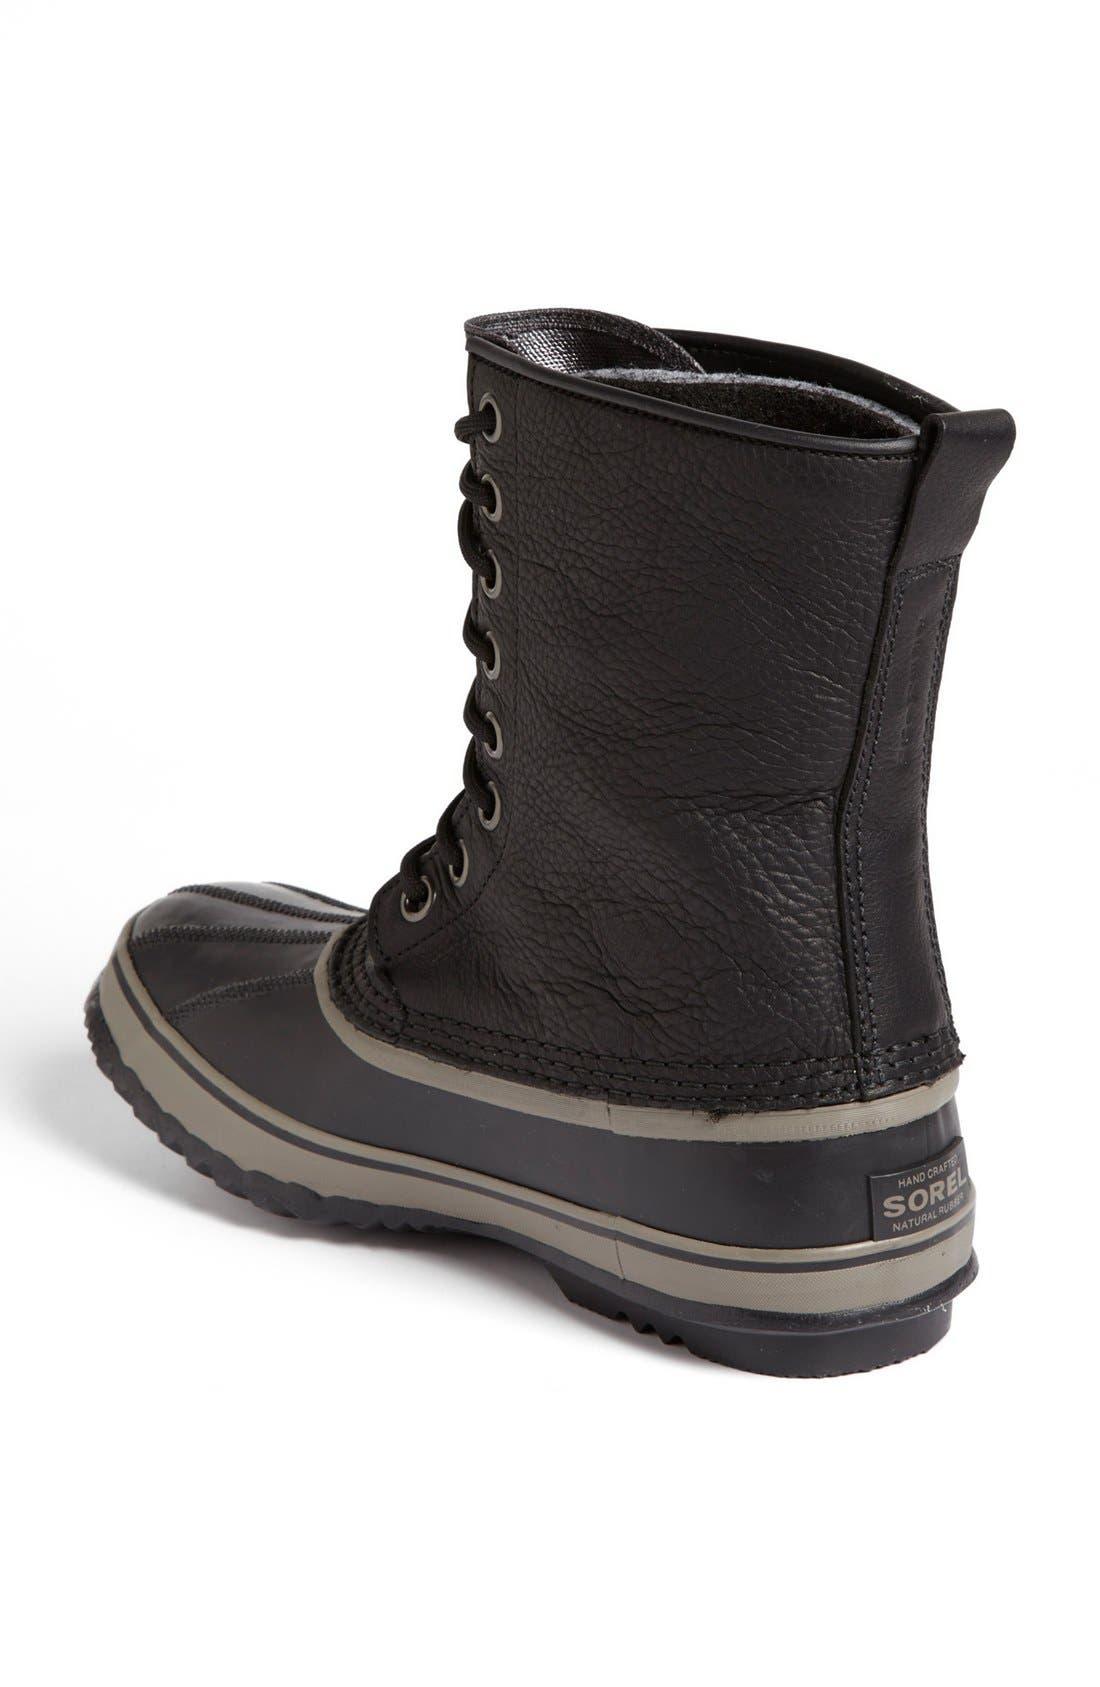 Alternate Image 2  - SOREL '1964 Premium T' Snow Boot